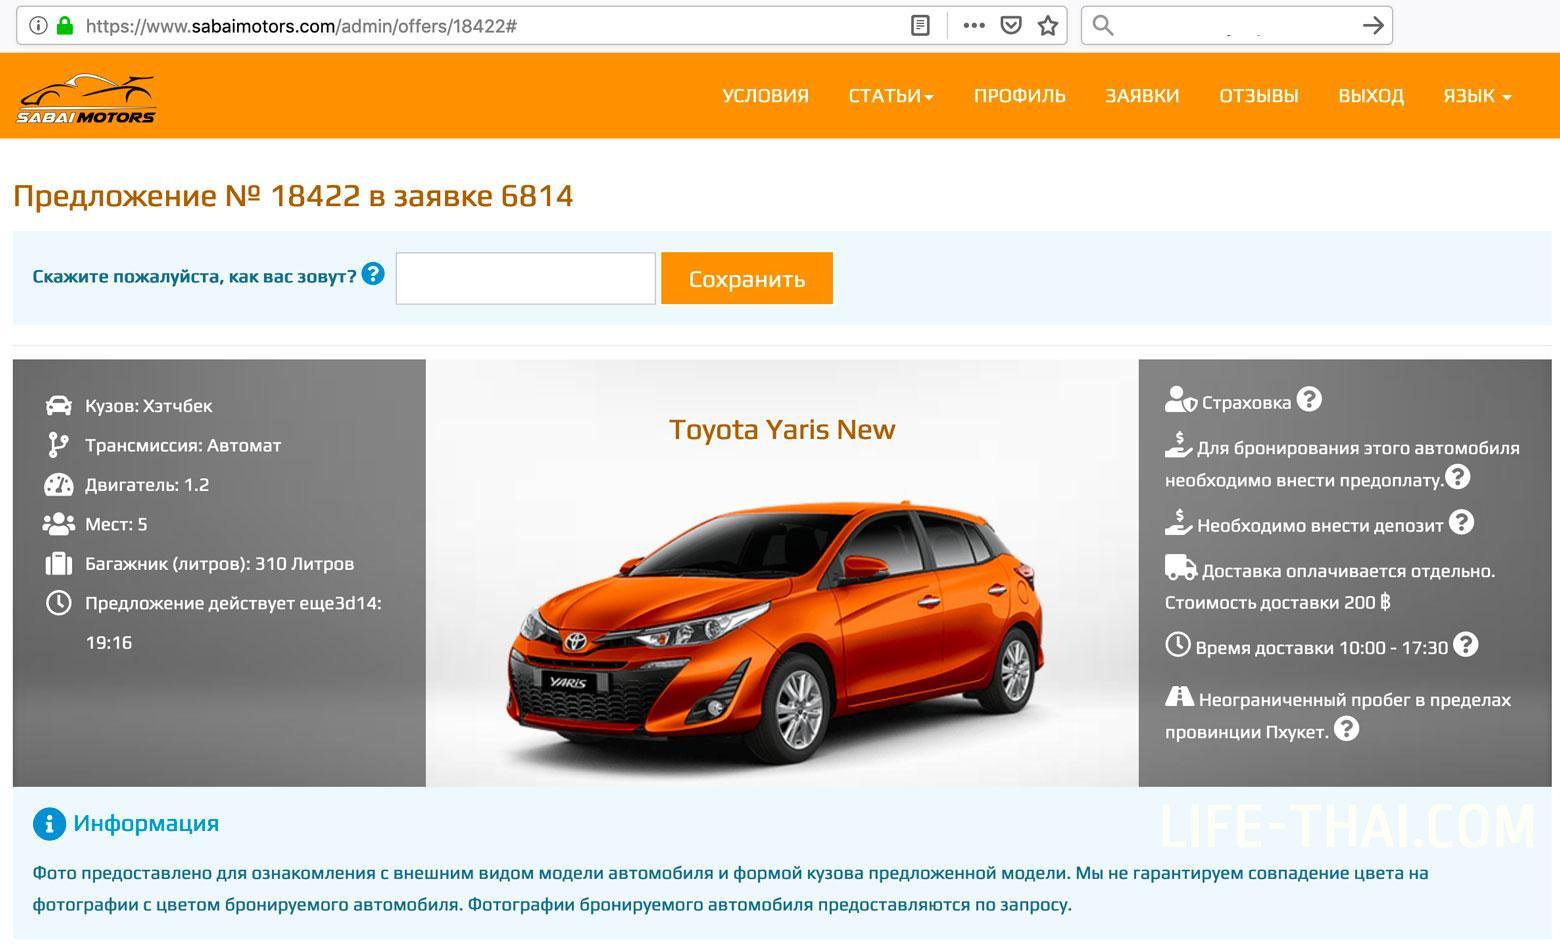 Сайт Sabai Motors